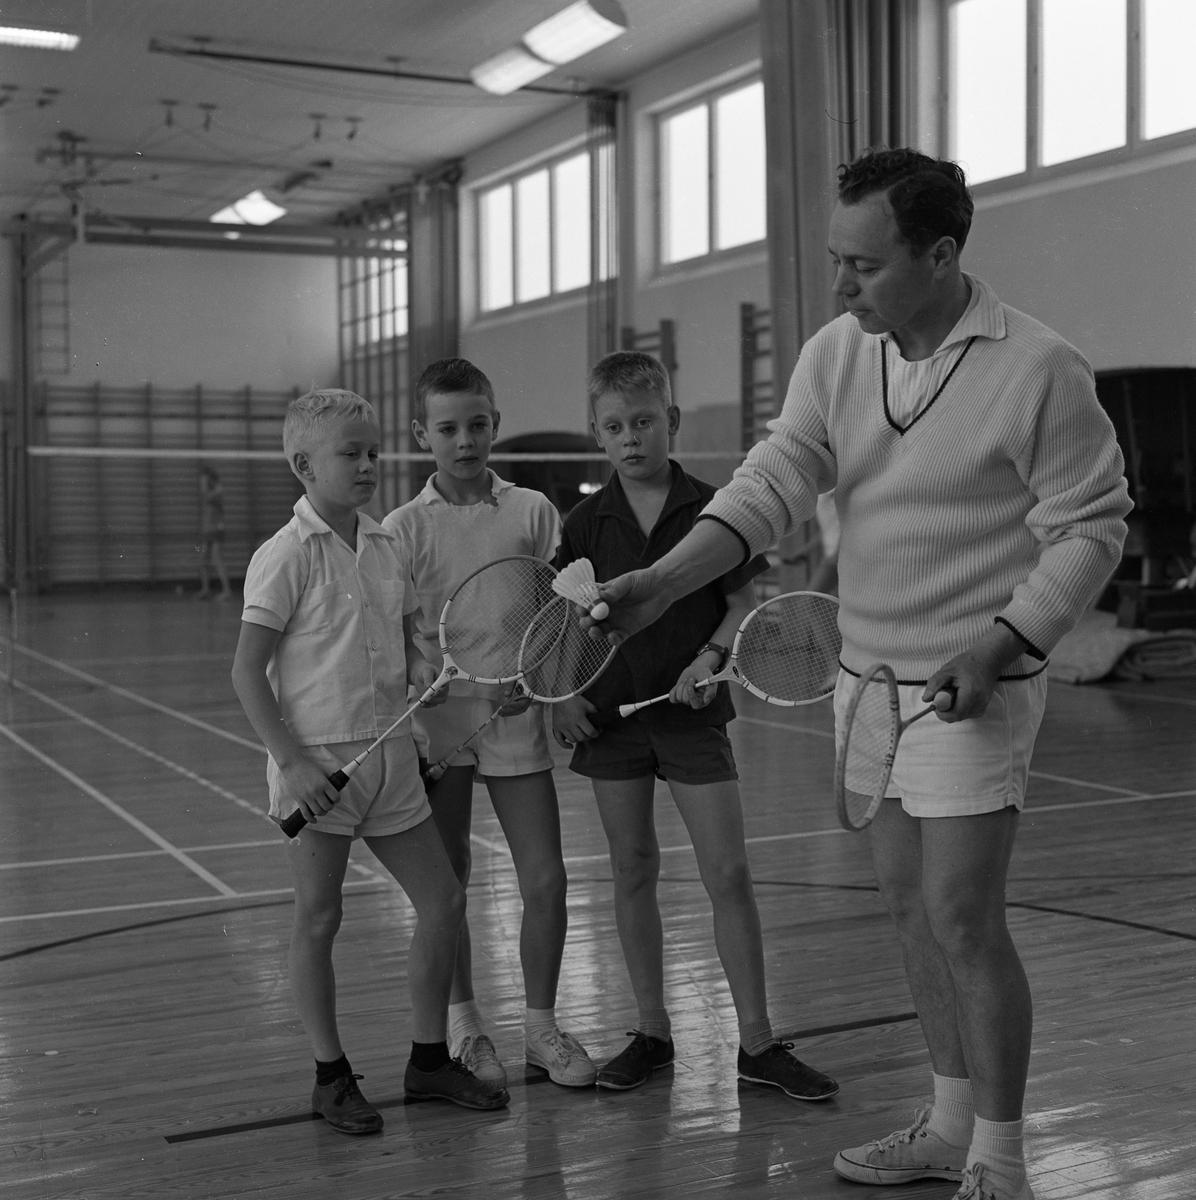 John Erik Kihlström håller badmintoninstruktion med Thomas Liljehammar, Thomas Kihlström och Rolf Mattsson i Gäddgårdsskolans gymnastiksal.  Lektion i badmintong. En man instruerar tre pojkar. Alla har ett racket i handen. De befinner sig i Gäddgårdsskolans gymnastiksal.